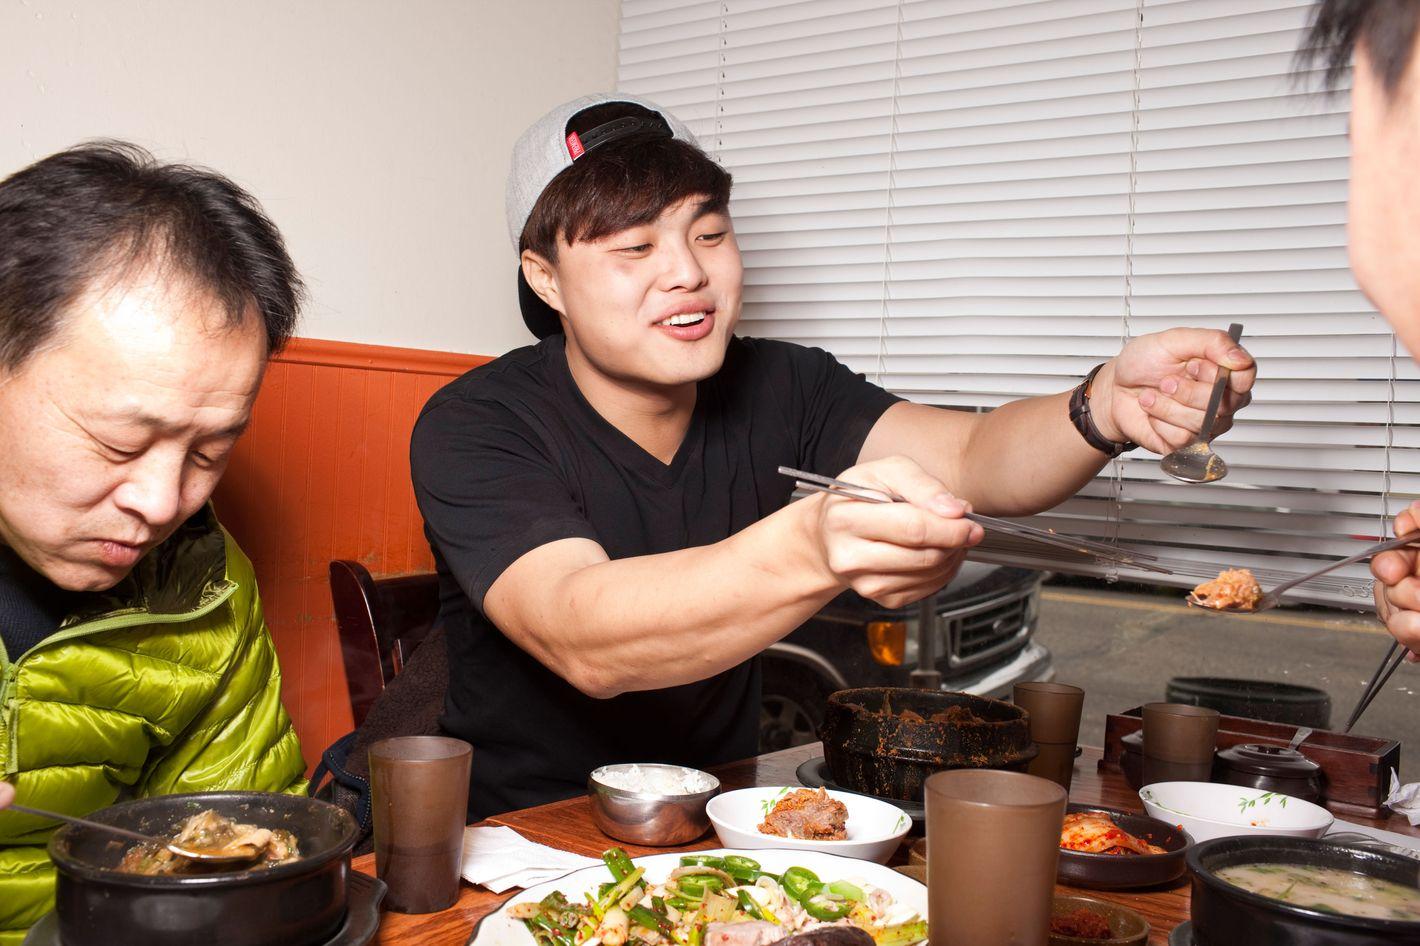 Hong, at Busan Gukbap in Fort Lee.